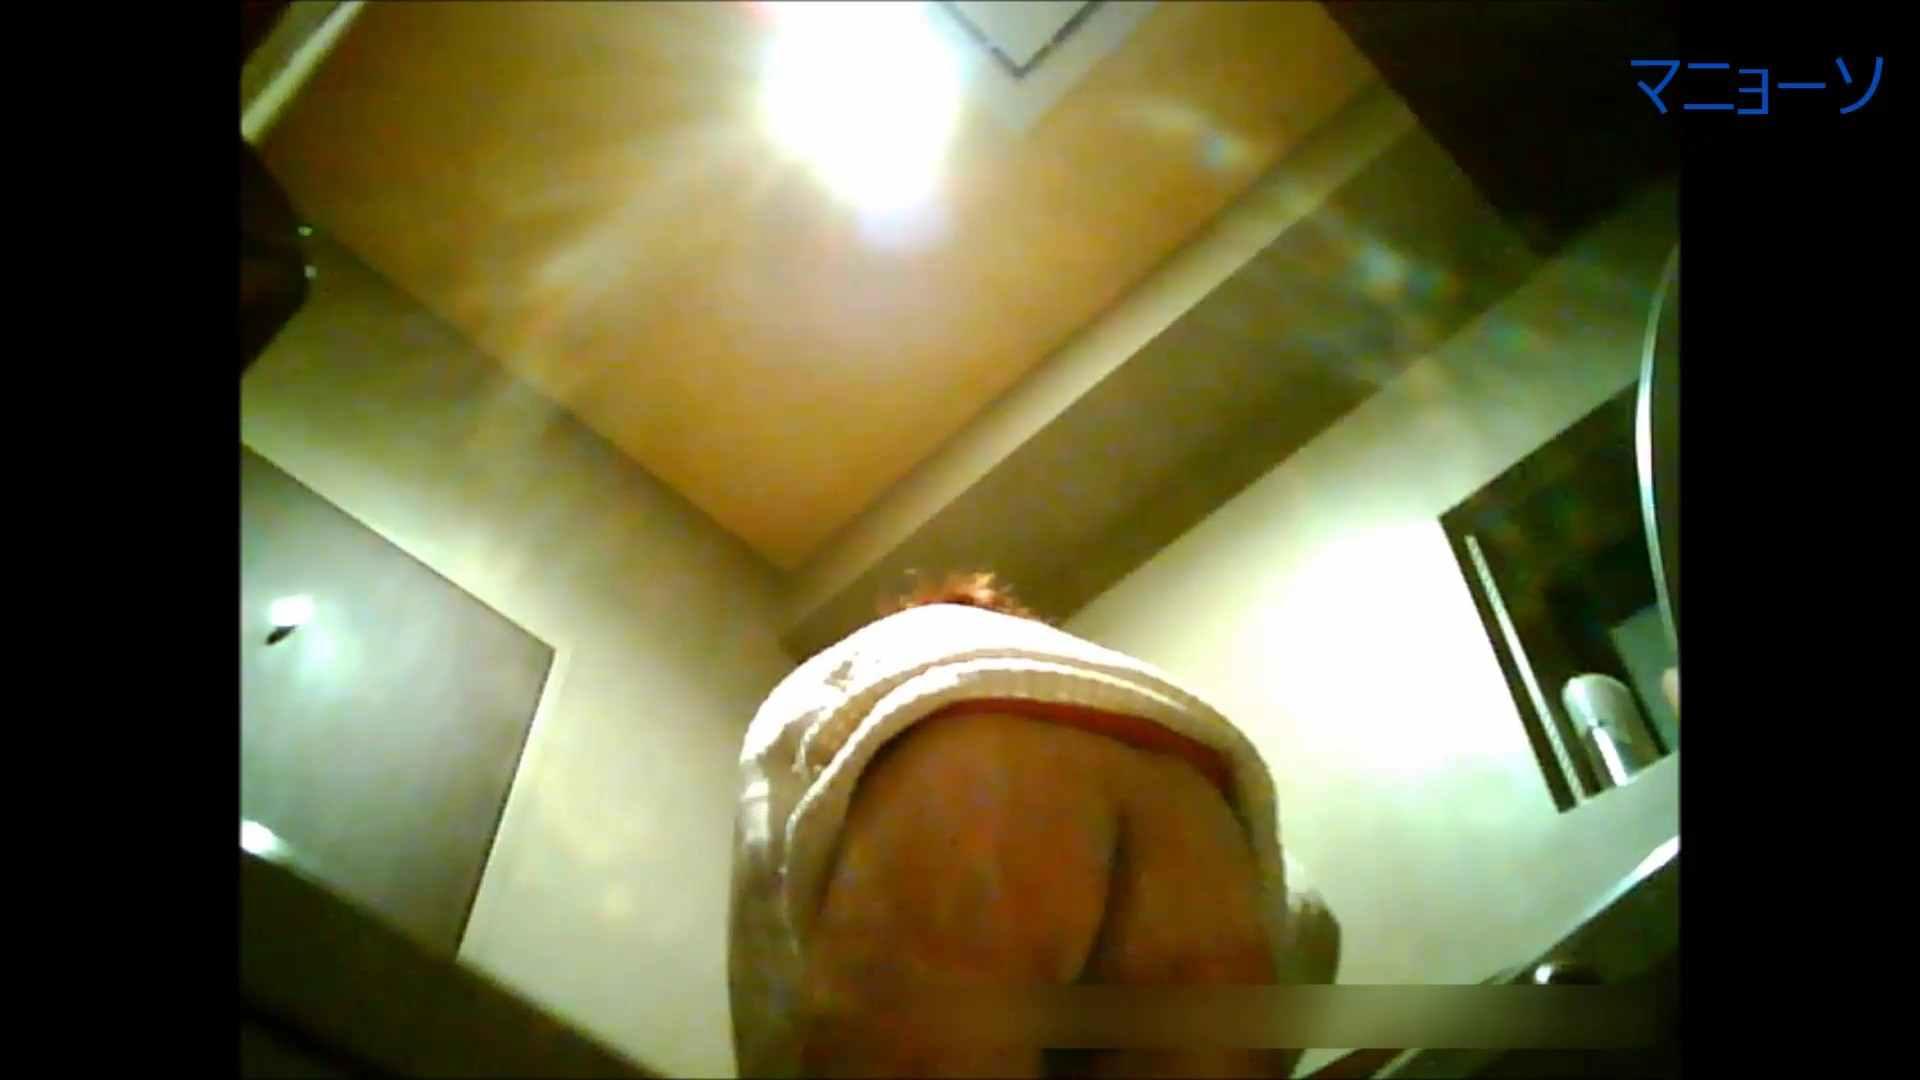 トイレでひと肌脱いでもらいました (JD編)Vol.02 トイレ | OLの実態  80pic 13